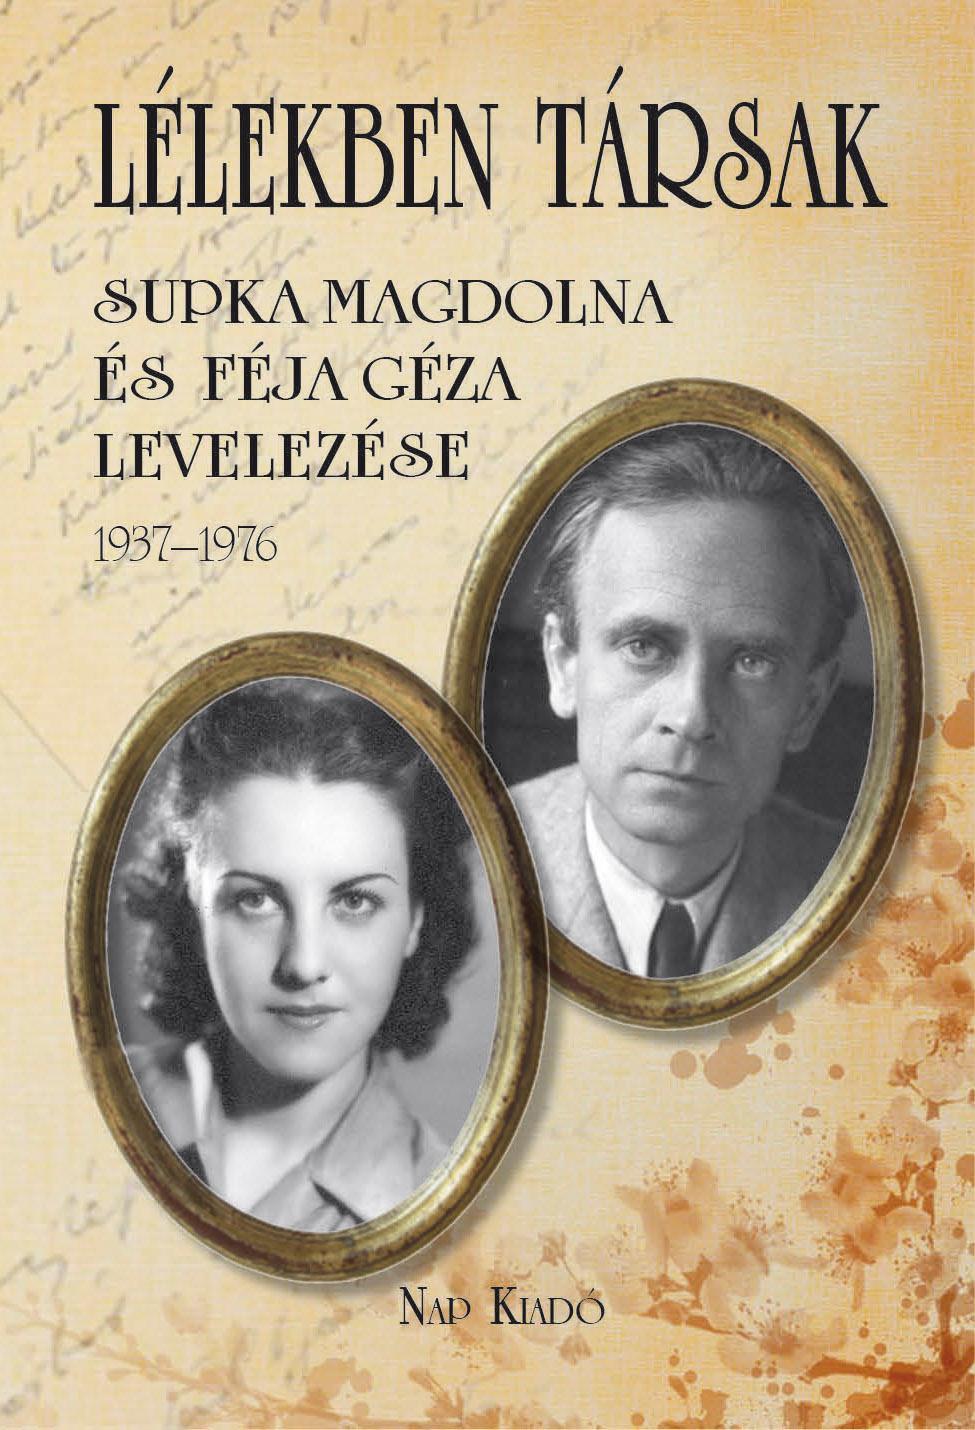 LÉLEKBEN TÁRSAK - SUPKA MAGDOLNA ÉS FÉJA GÉZA LEVELEZÉSE 1937-1976